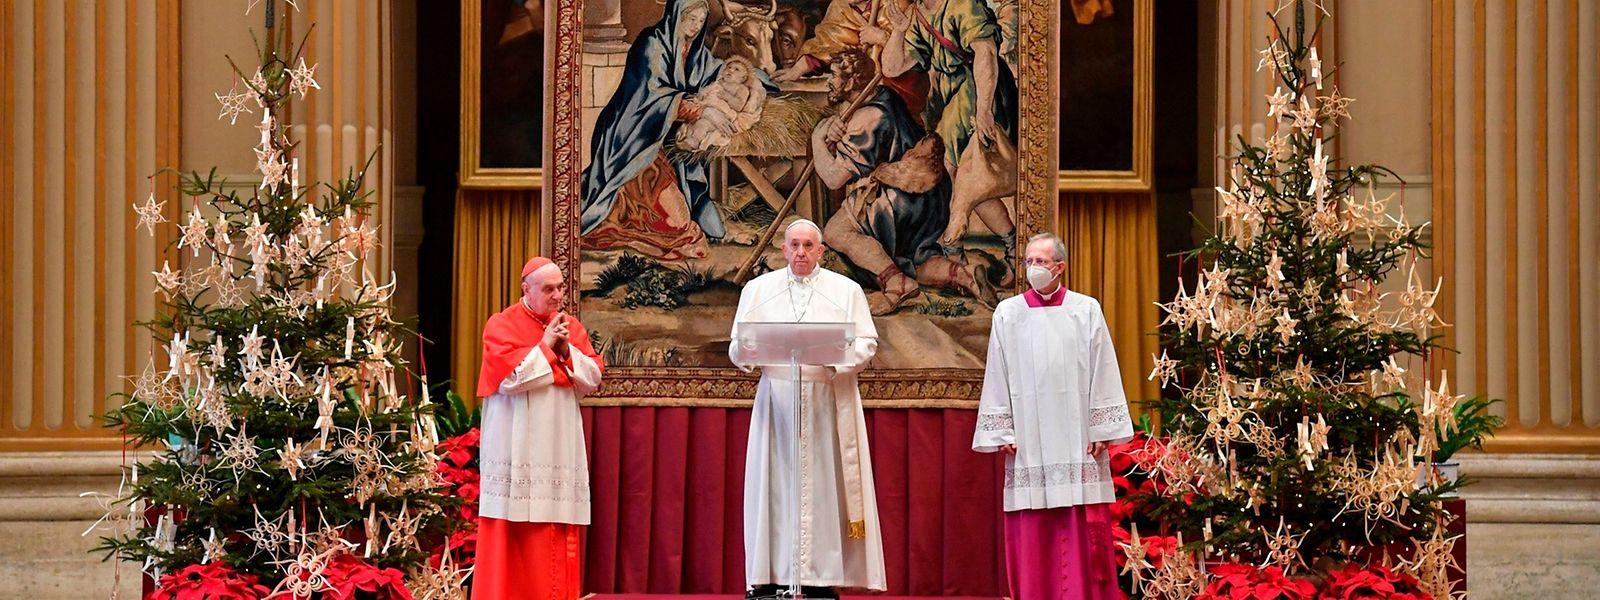 Papst Franziskus während seiner Weihnachtsansprache im vergangenen Dezember.